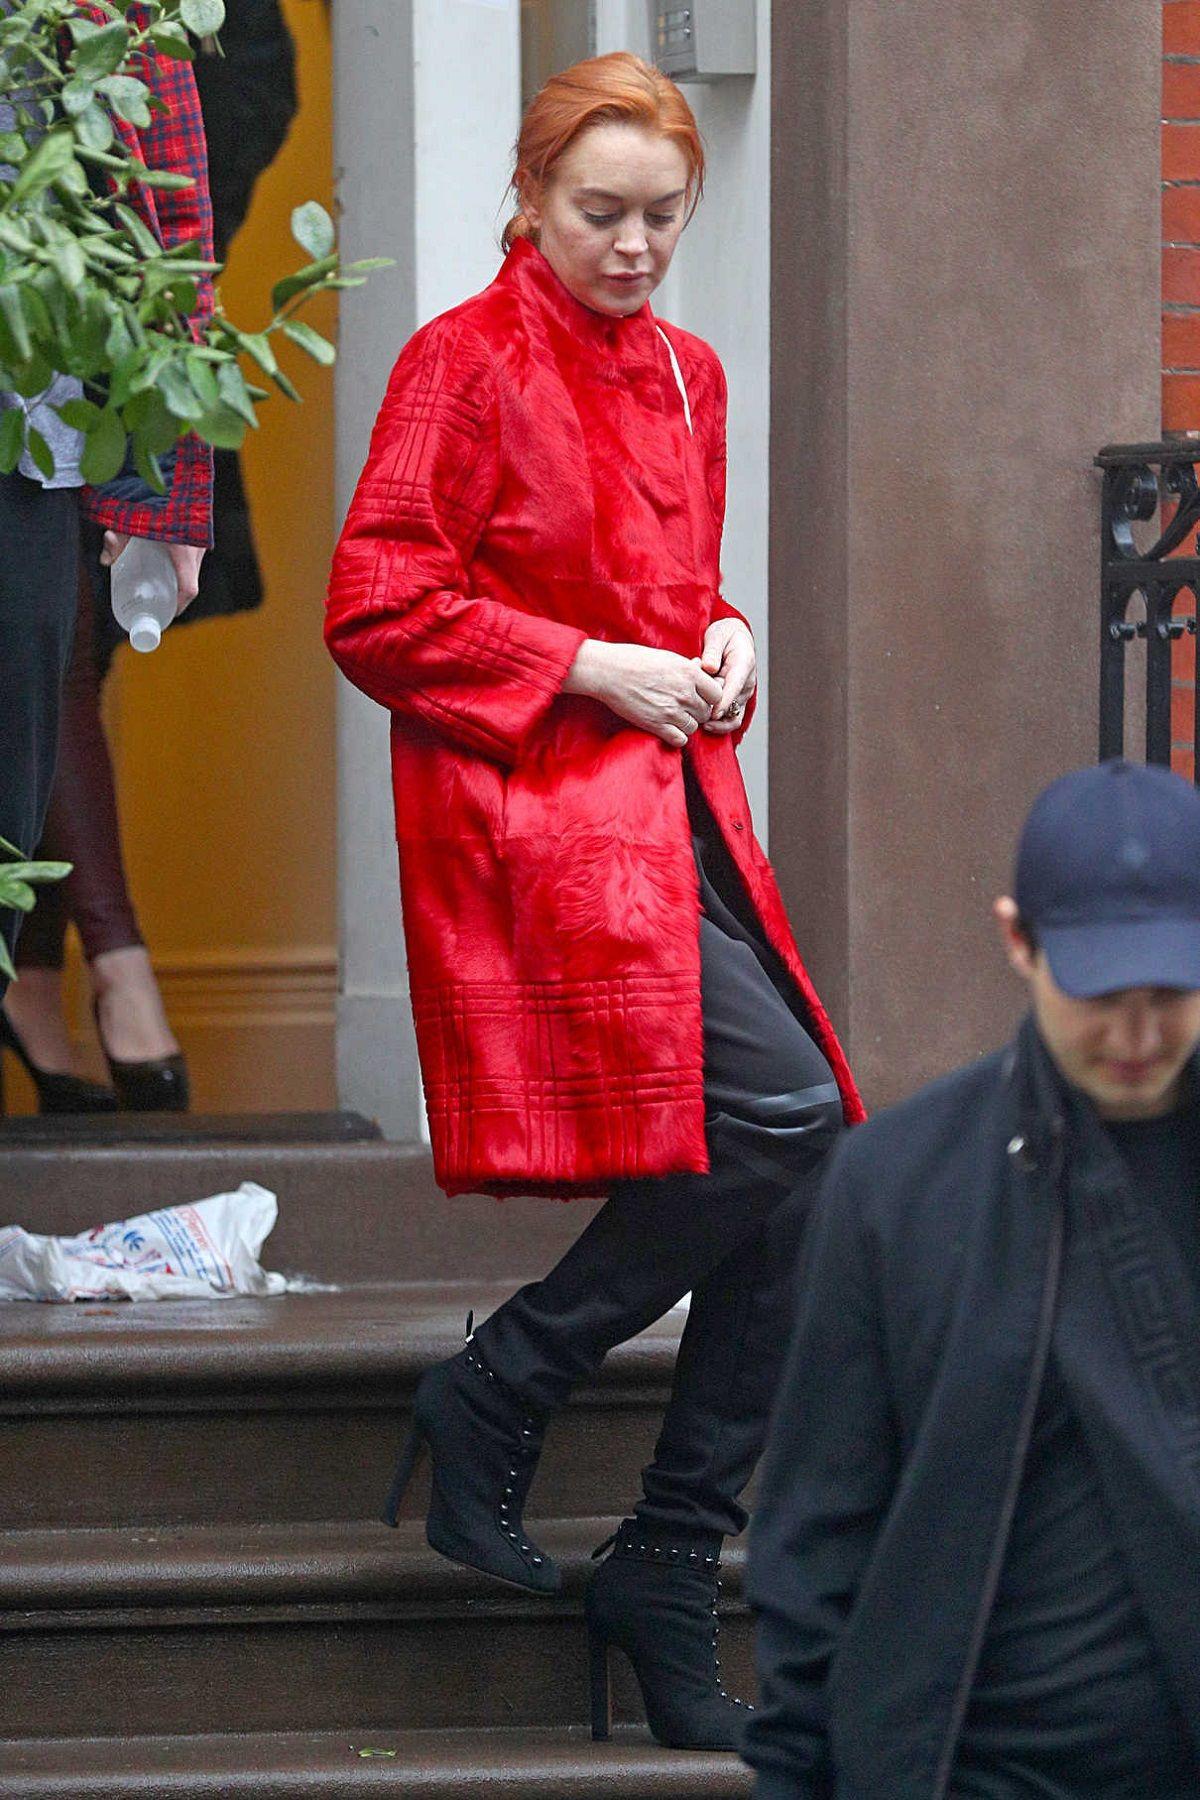 Lindsay Lohan quiso secuestrar a dos chicos refugiados y fue golpeada por la madre